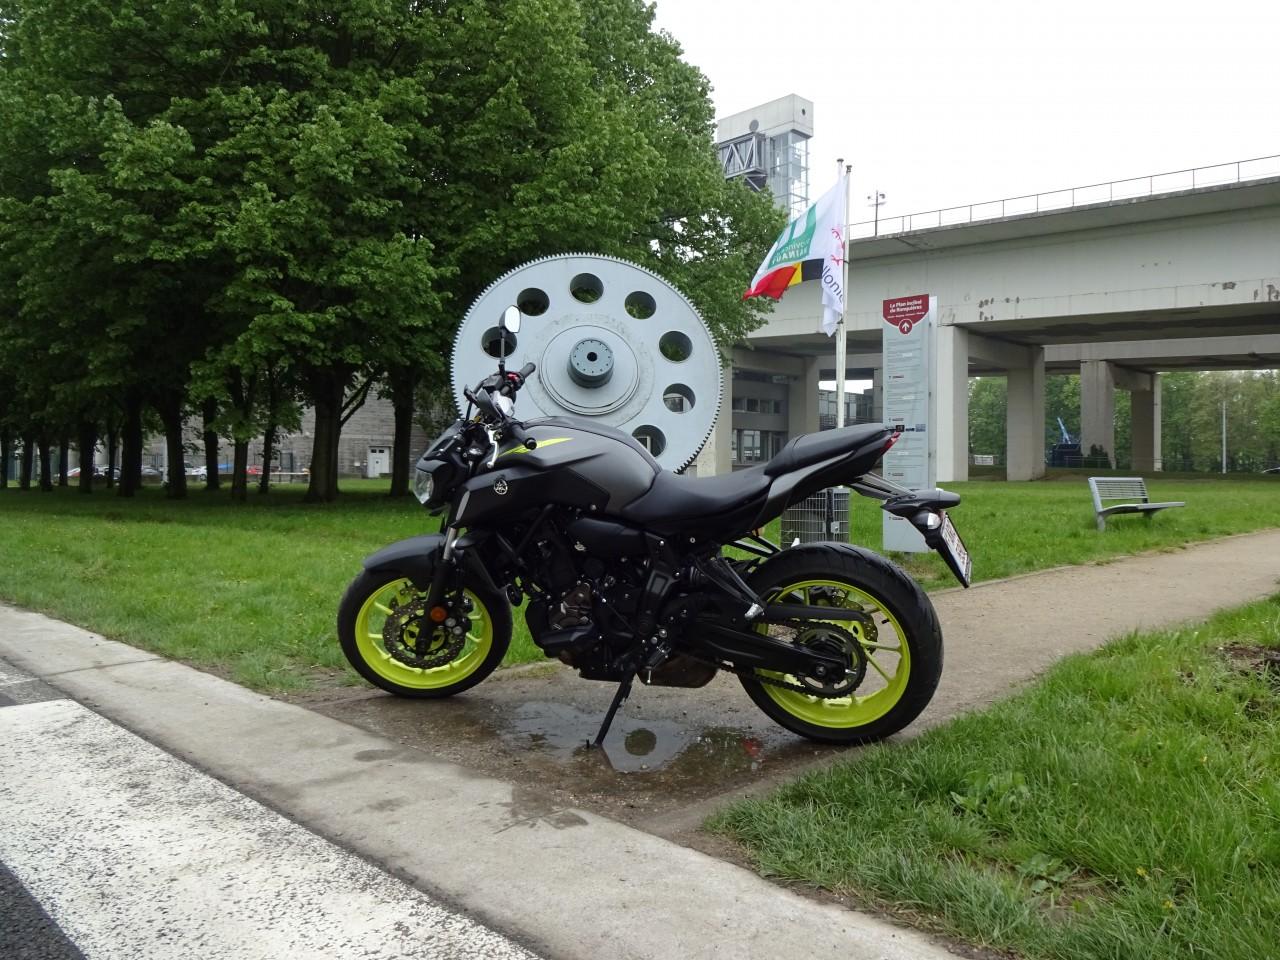 roadster objectif moto. Black Bedroom Furniture Sets. Home Design Ideas